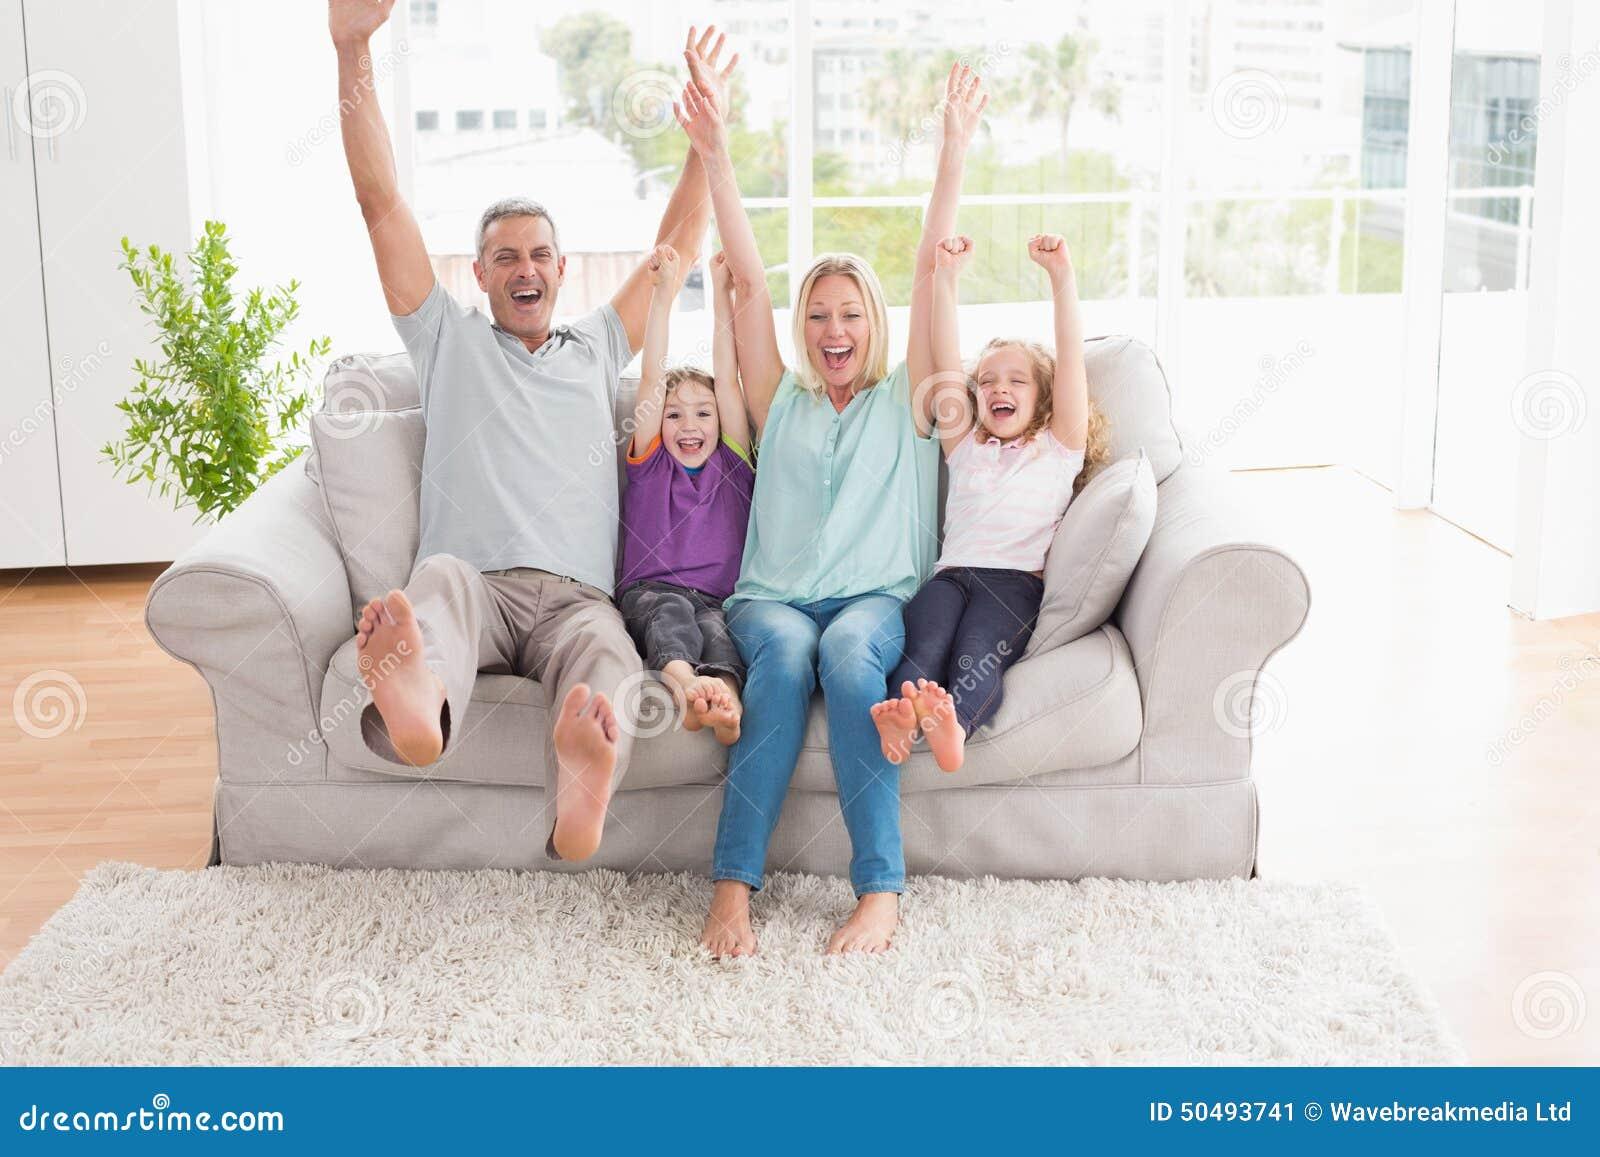 Família de quatro pessoas com assento levantado braços no sofá